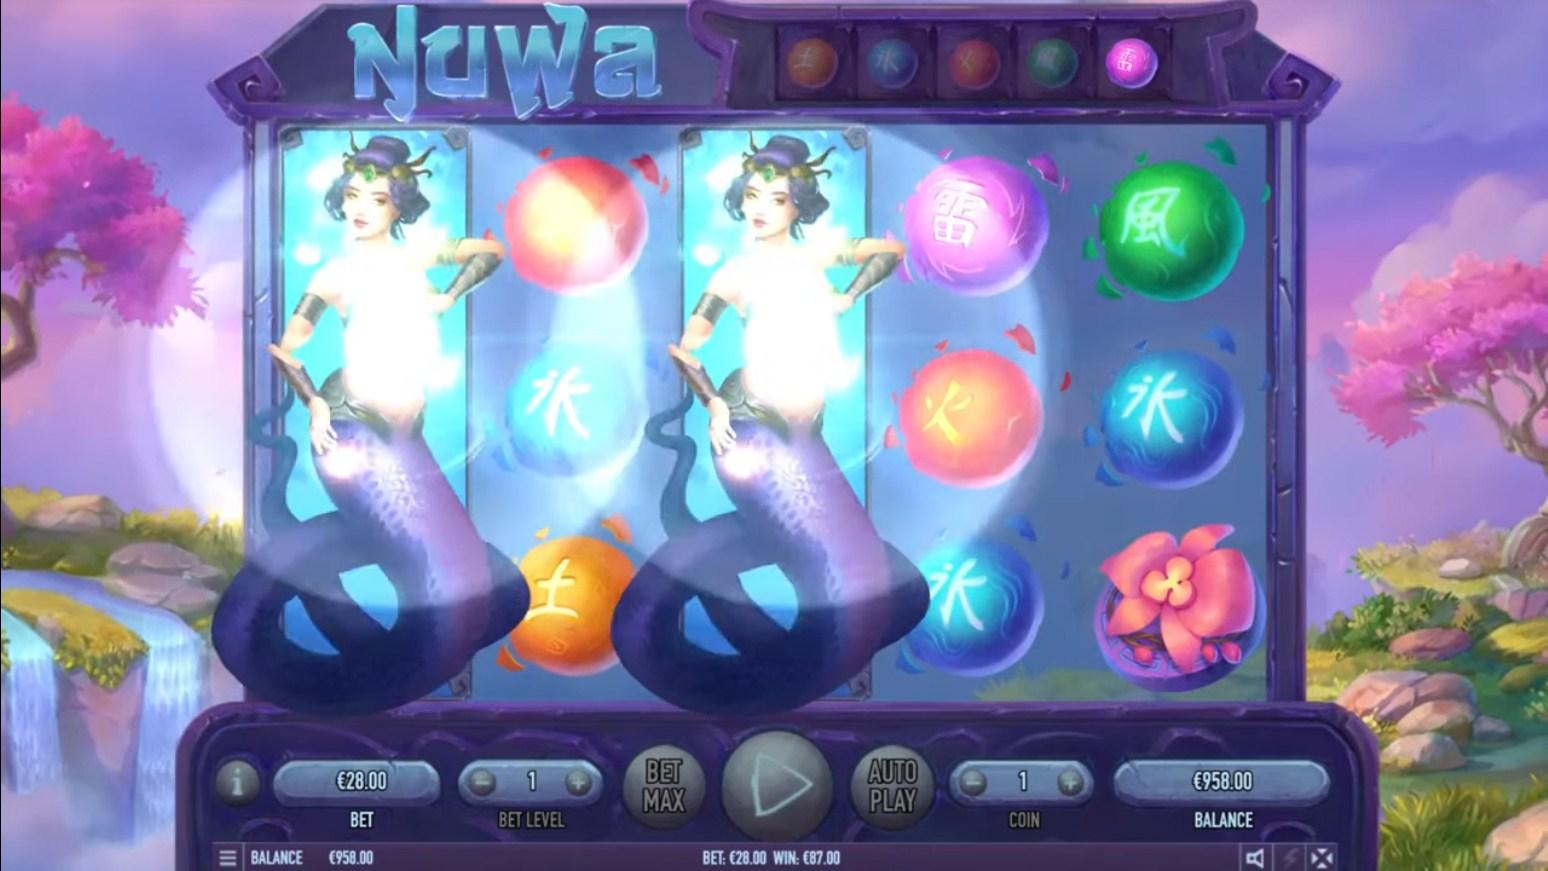 Nuwa Slot Gameplay